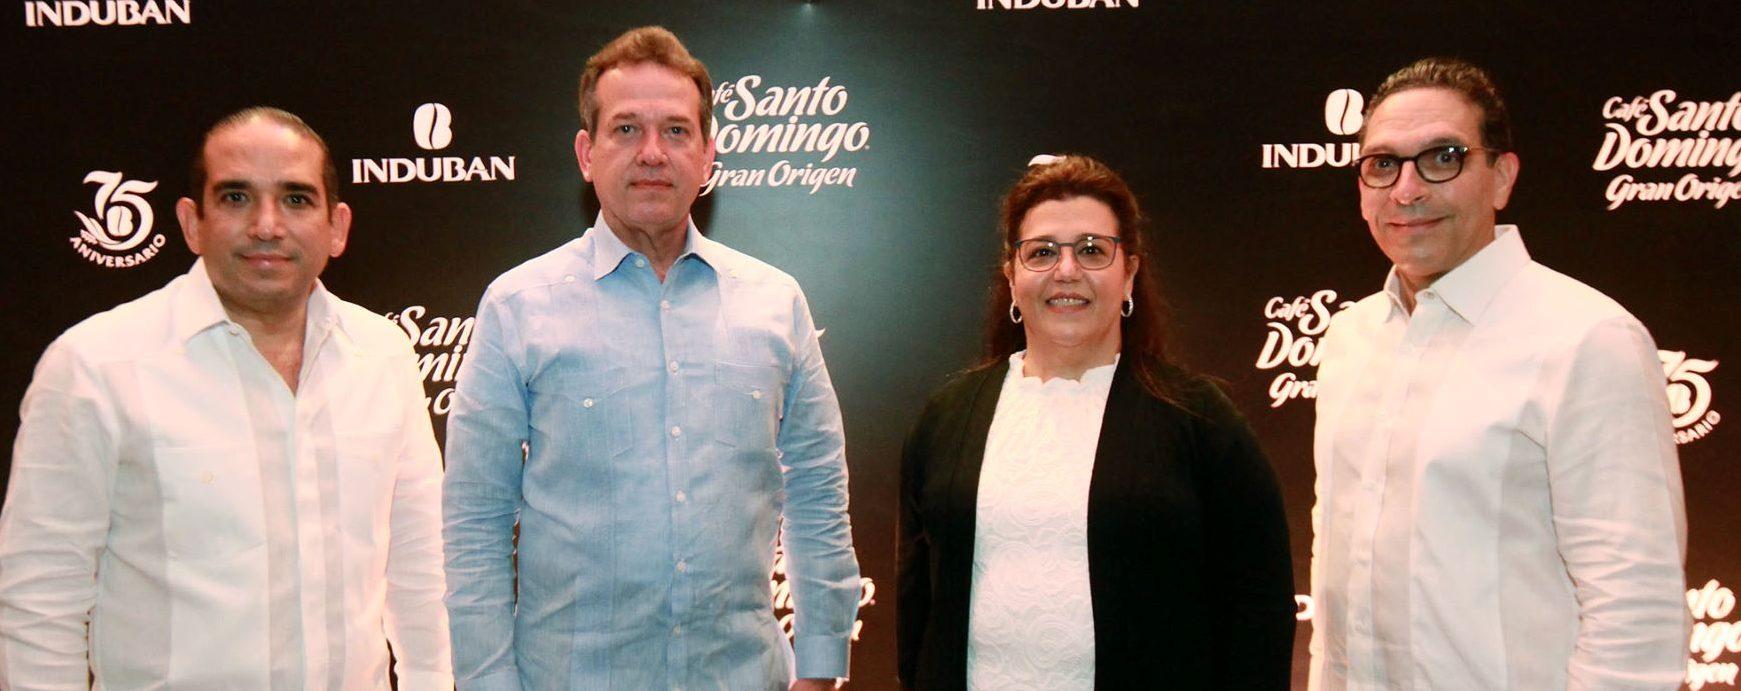 Manuel Poso Perelló, Ito Bisonó, Kirshis de Estévez, Jorge Perelló durante la presentación de los tres nuevos productos de origen de Café Santo Domingo.